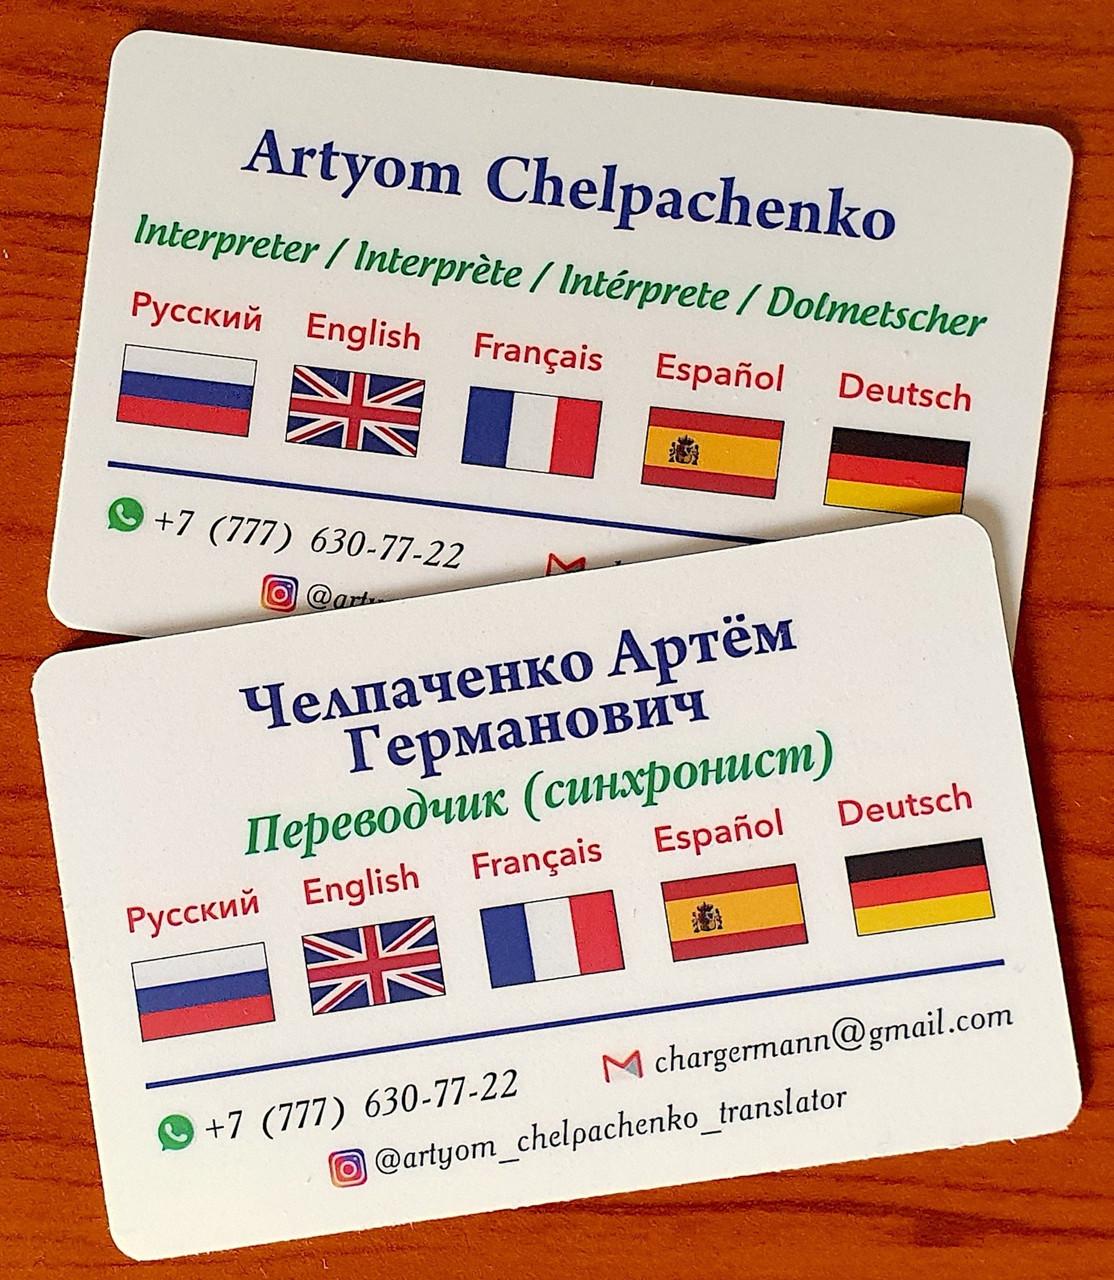 Письменные переводы французский, испанский, английский, немецкий, казахский и др. языки